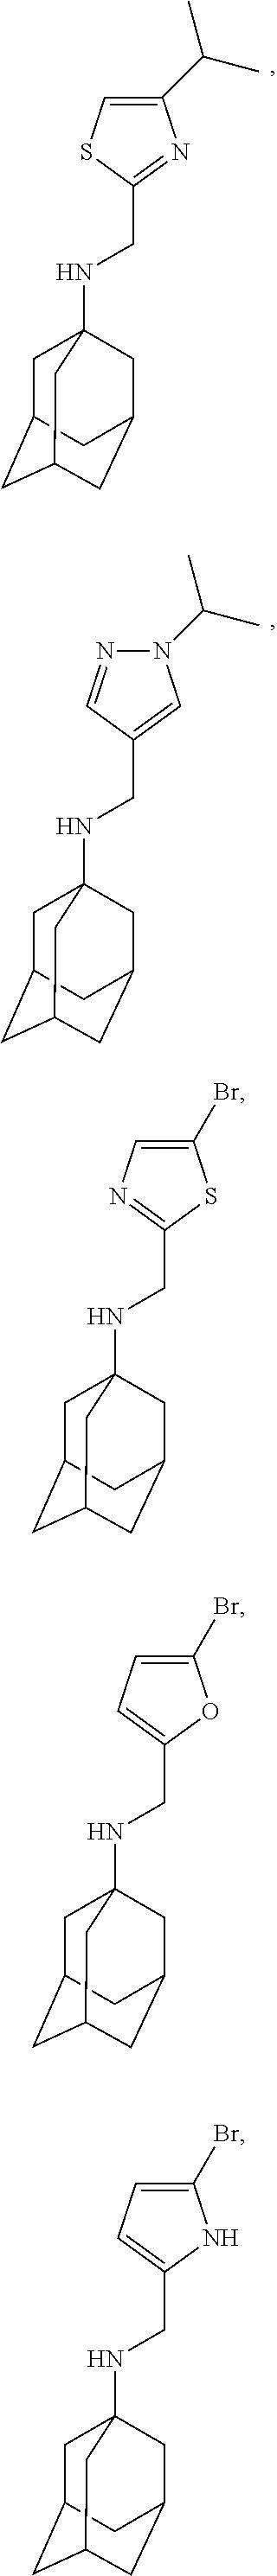 Figure US09884832-20180206-C00045